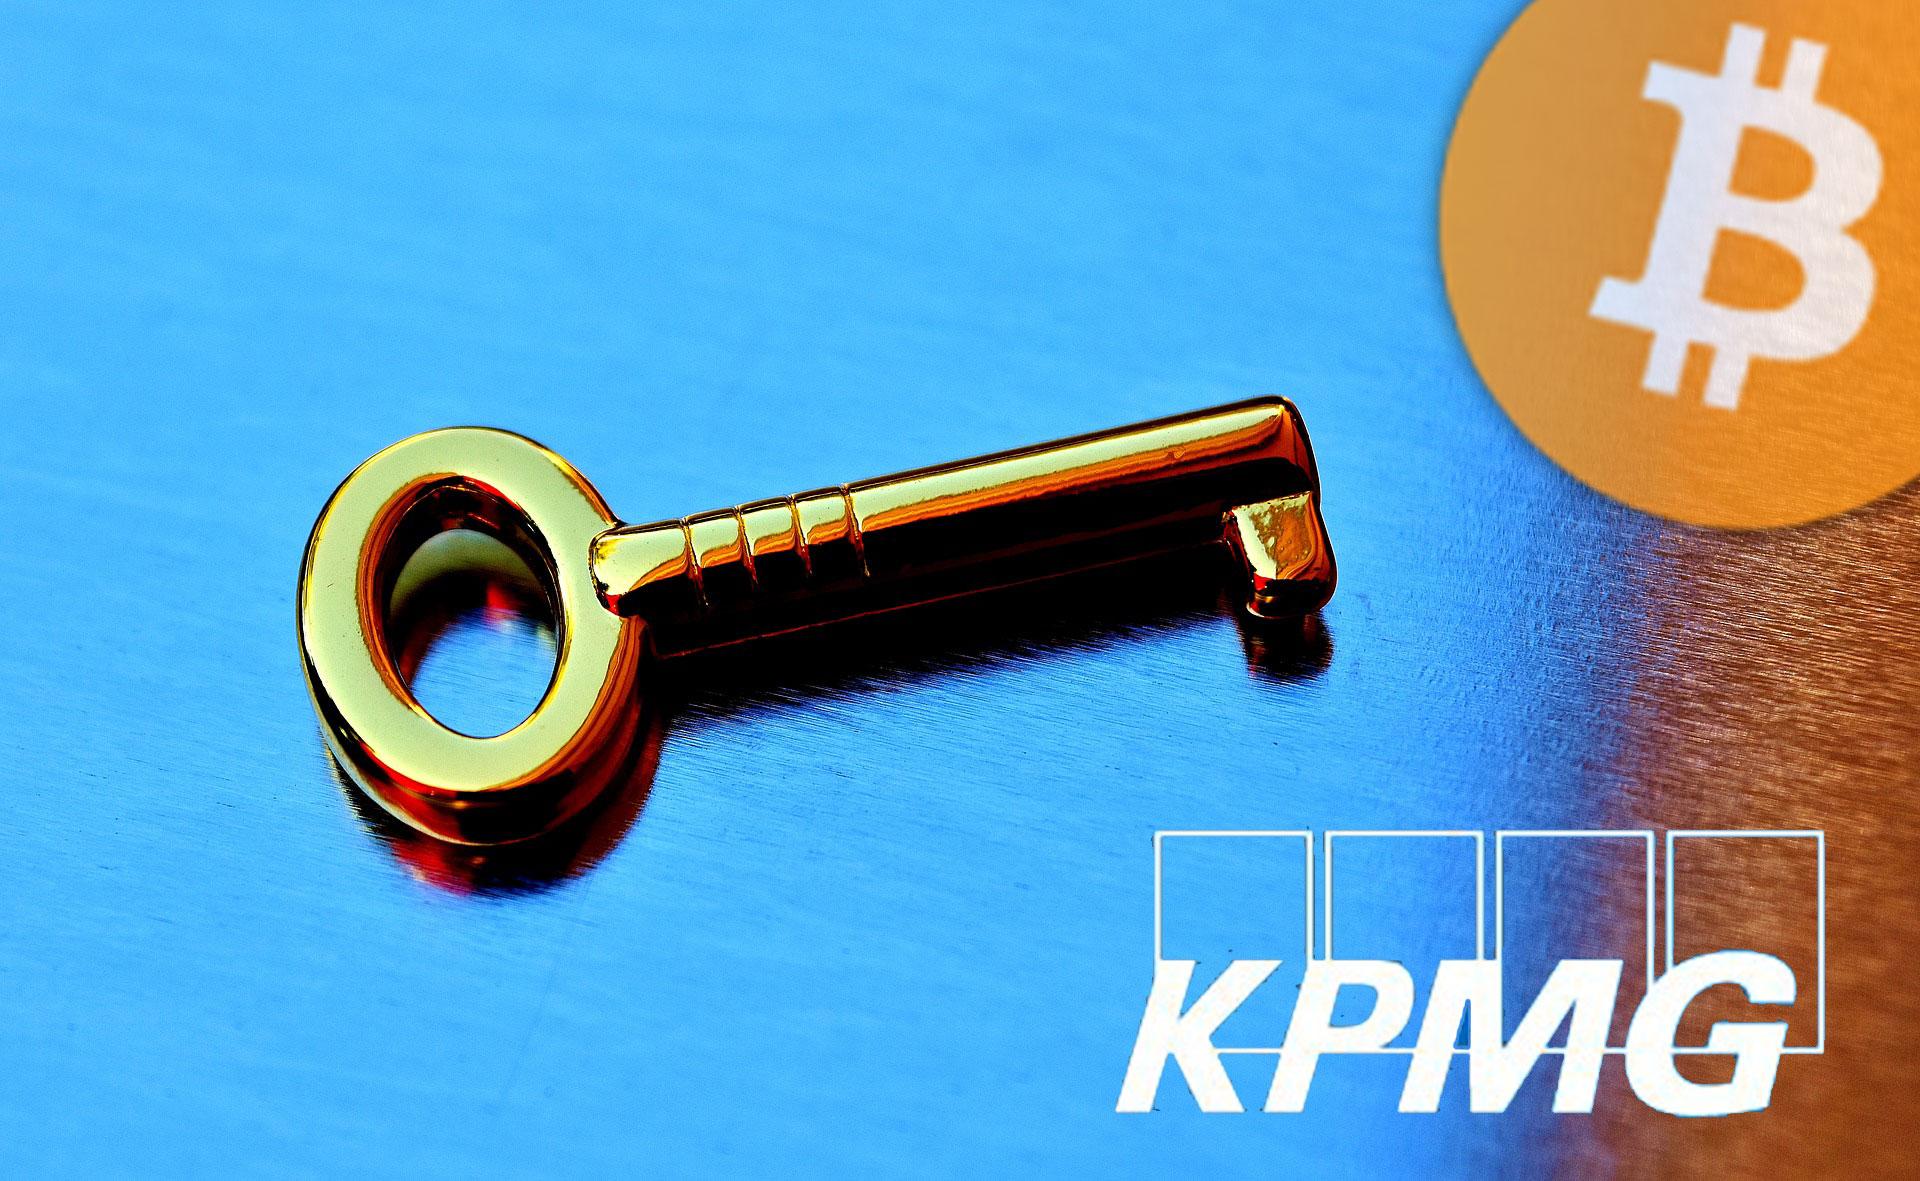 ハッキング被害「1兆500億円相当」を食い止めることが仮想通貨市場の成長の鍵:KPMG